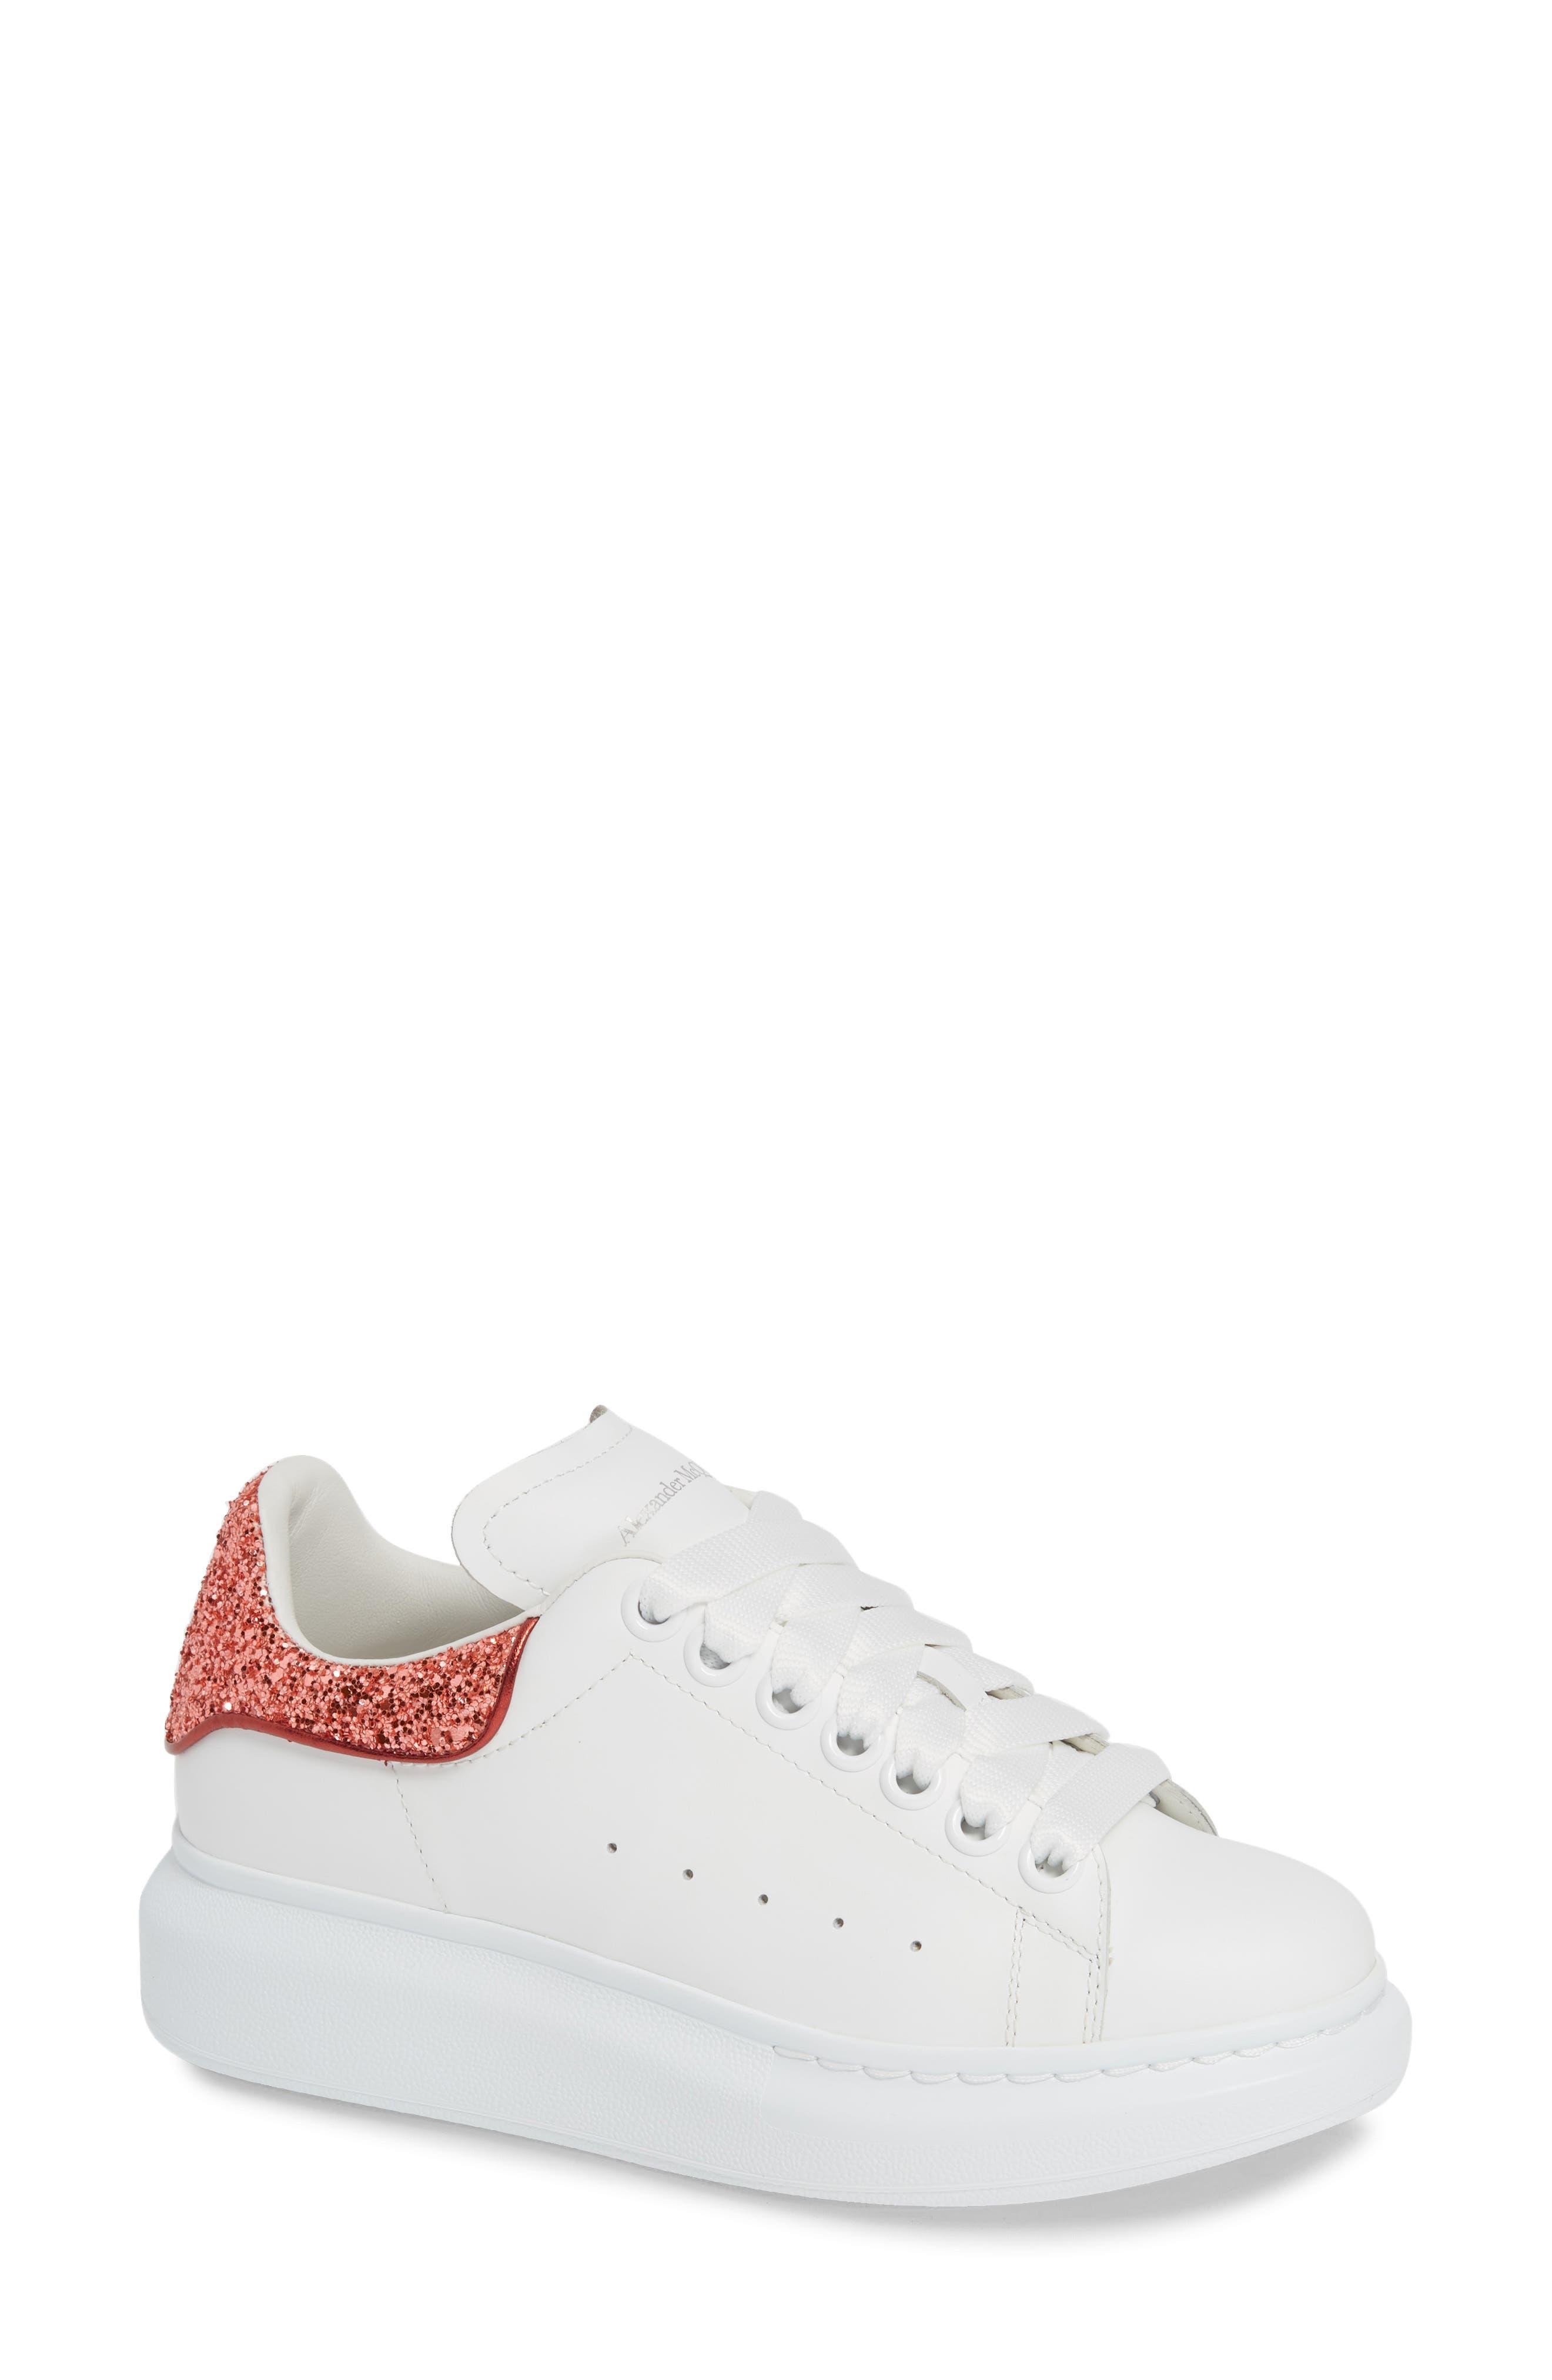 Alexander Mcqueen Sneaker, Coral